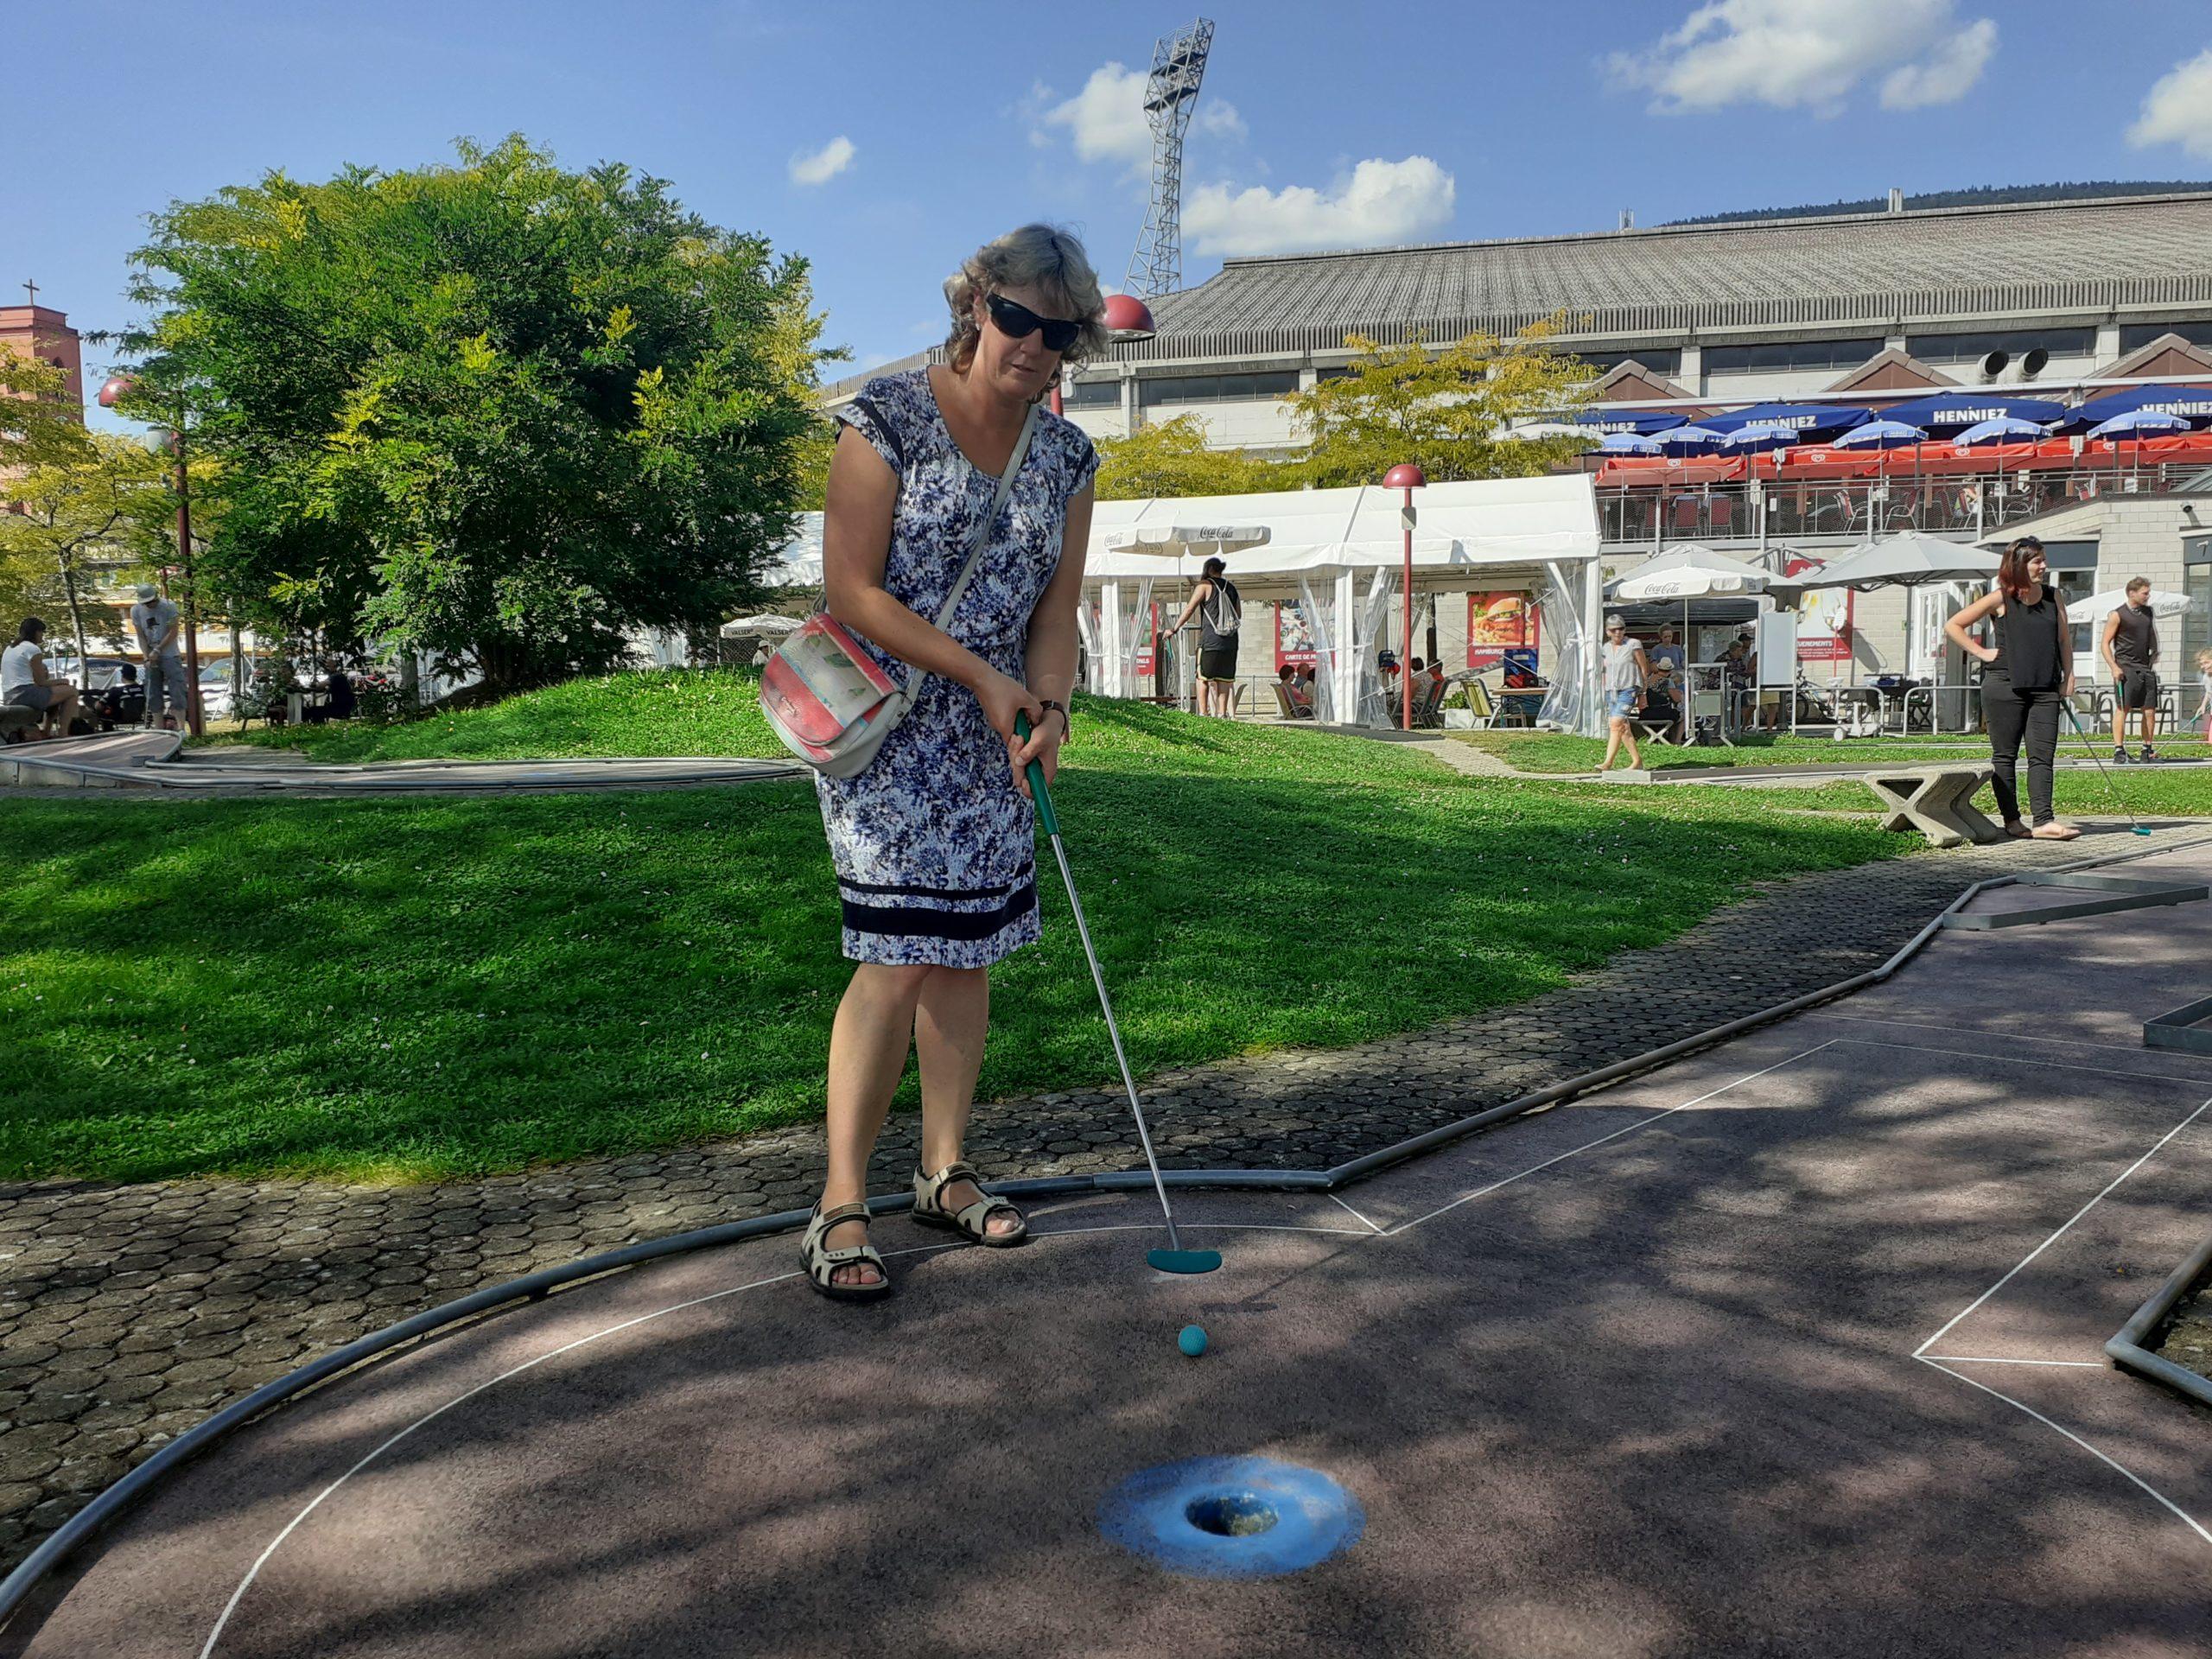 Natacha de Montmollin, aveugle, joue au mini-golf